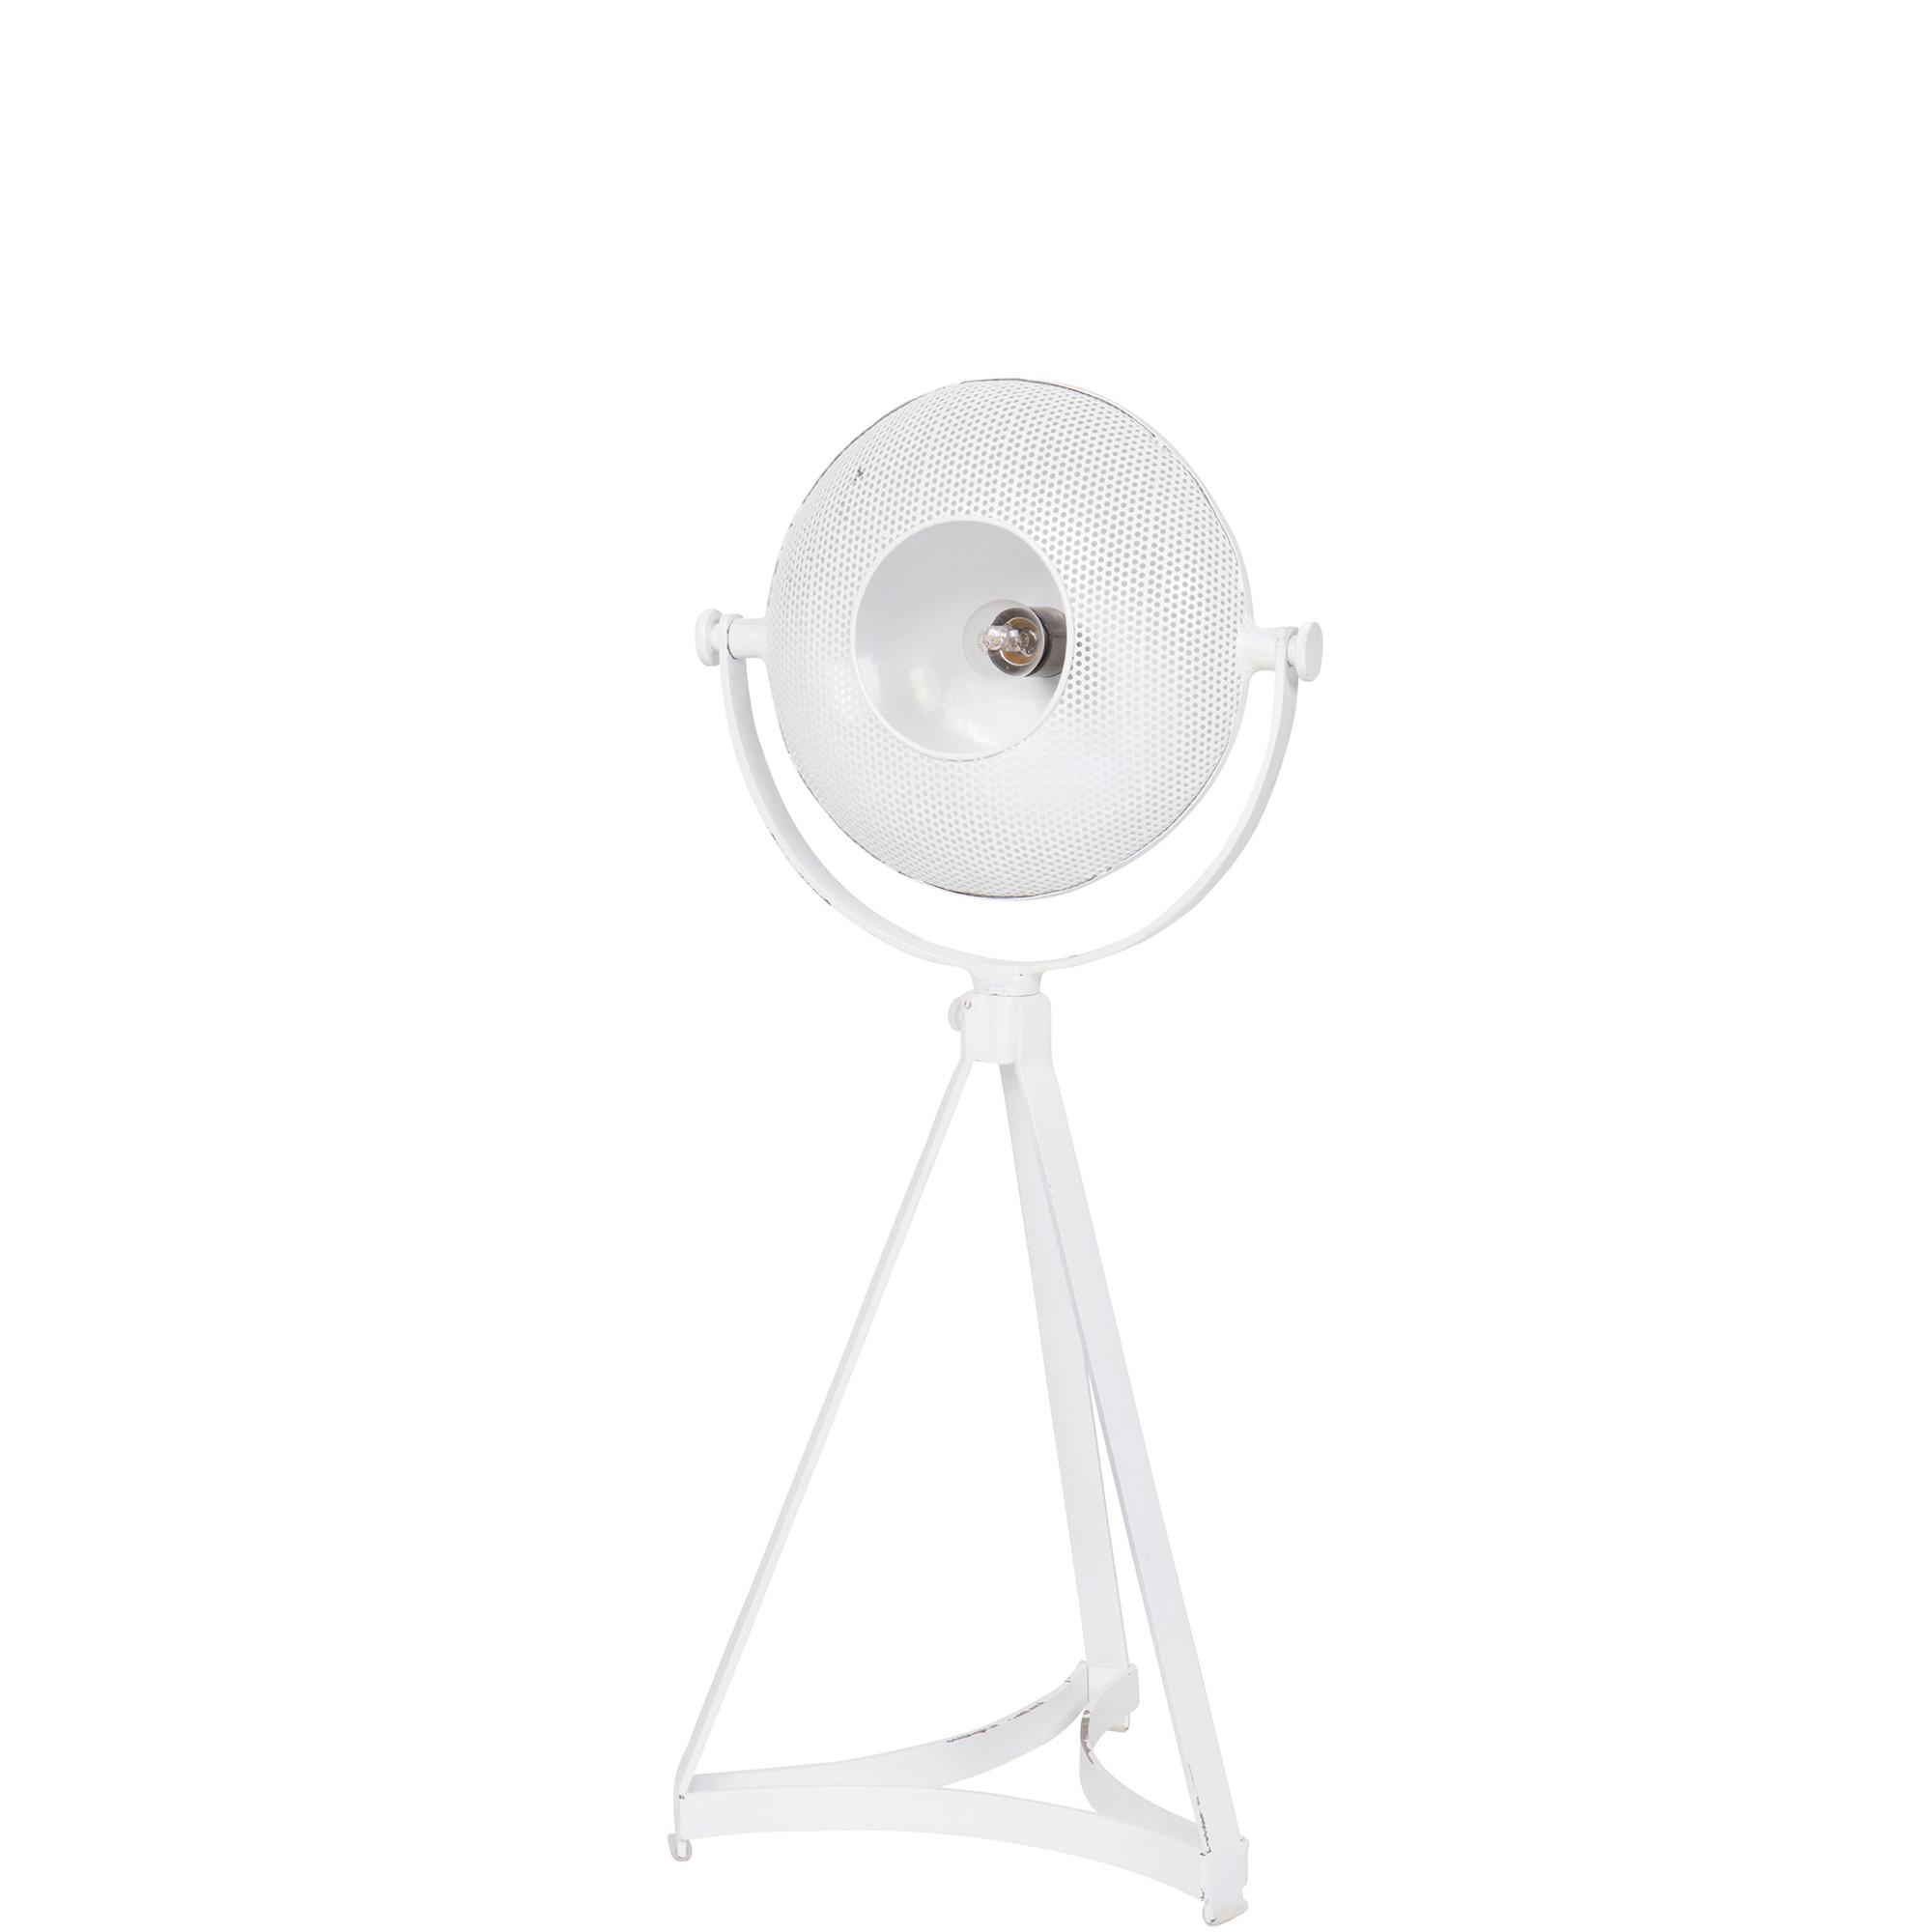 BePureHome Tafellamp 'Blown' kleur wit Verlichting | Tafellampen kopen